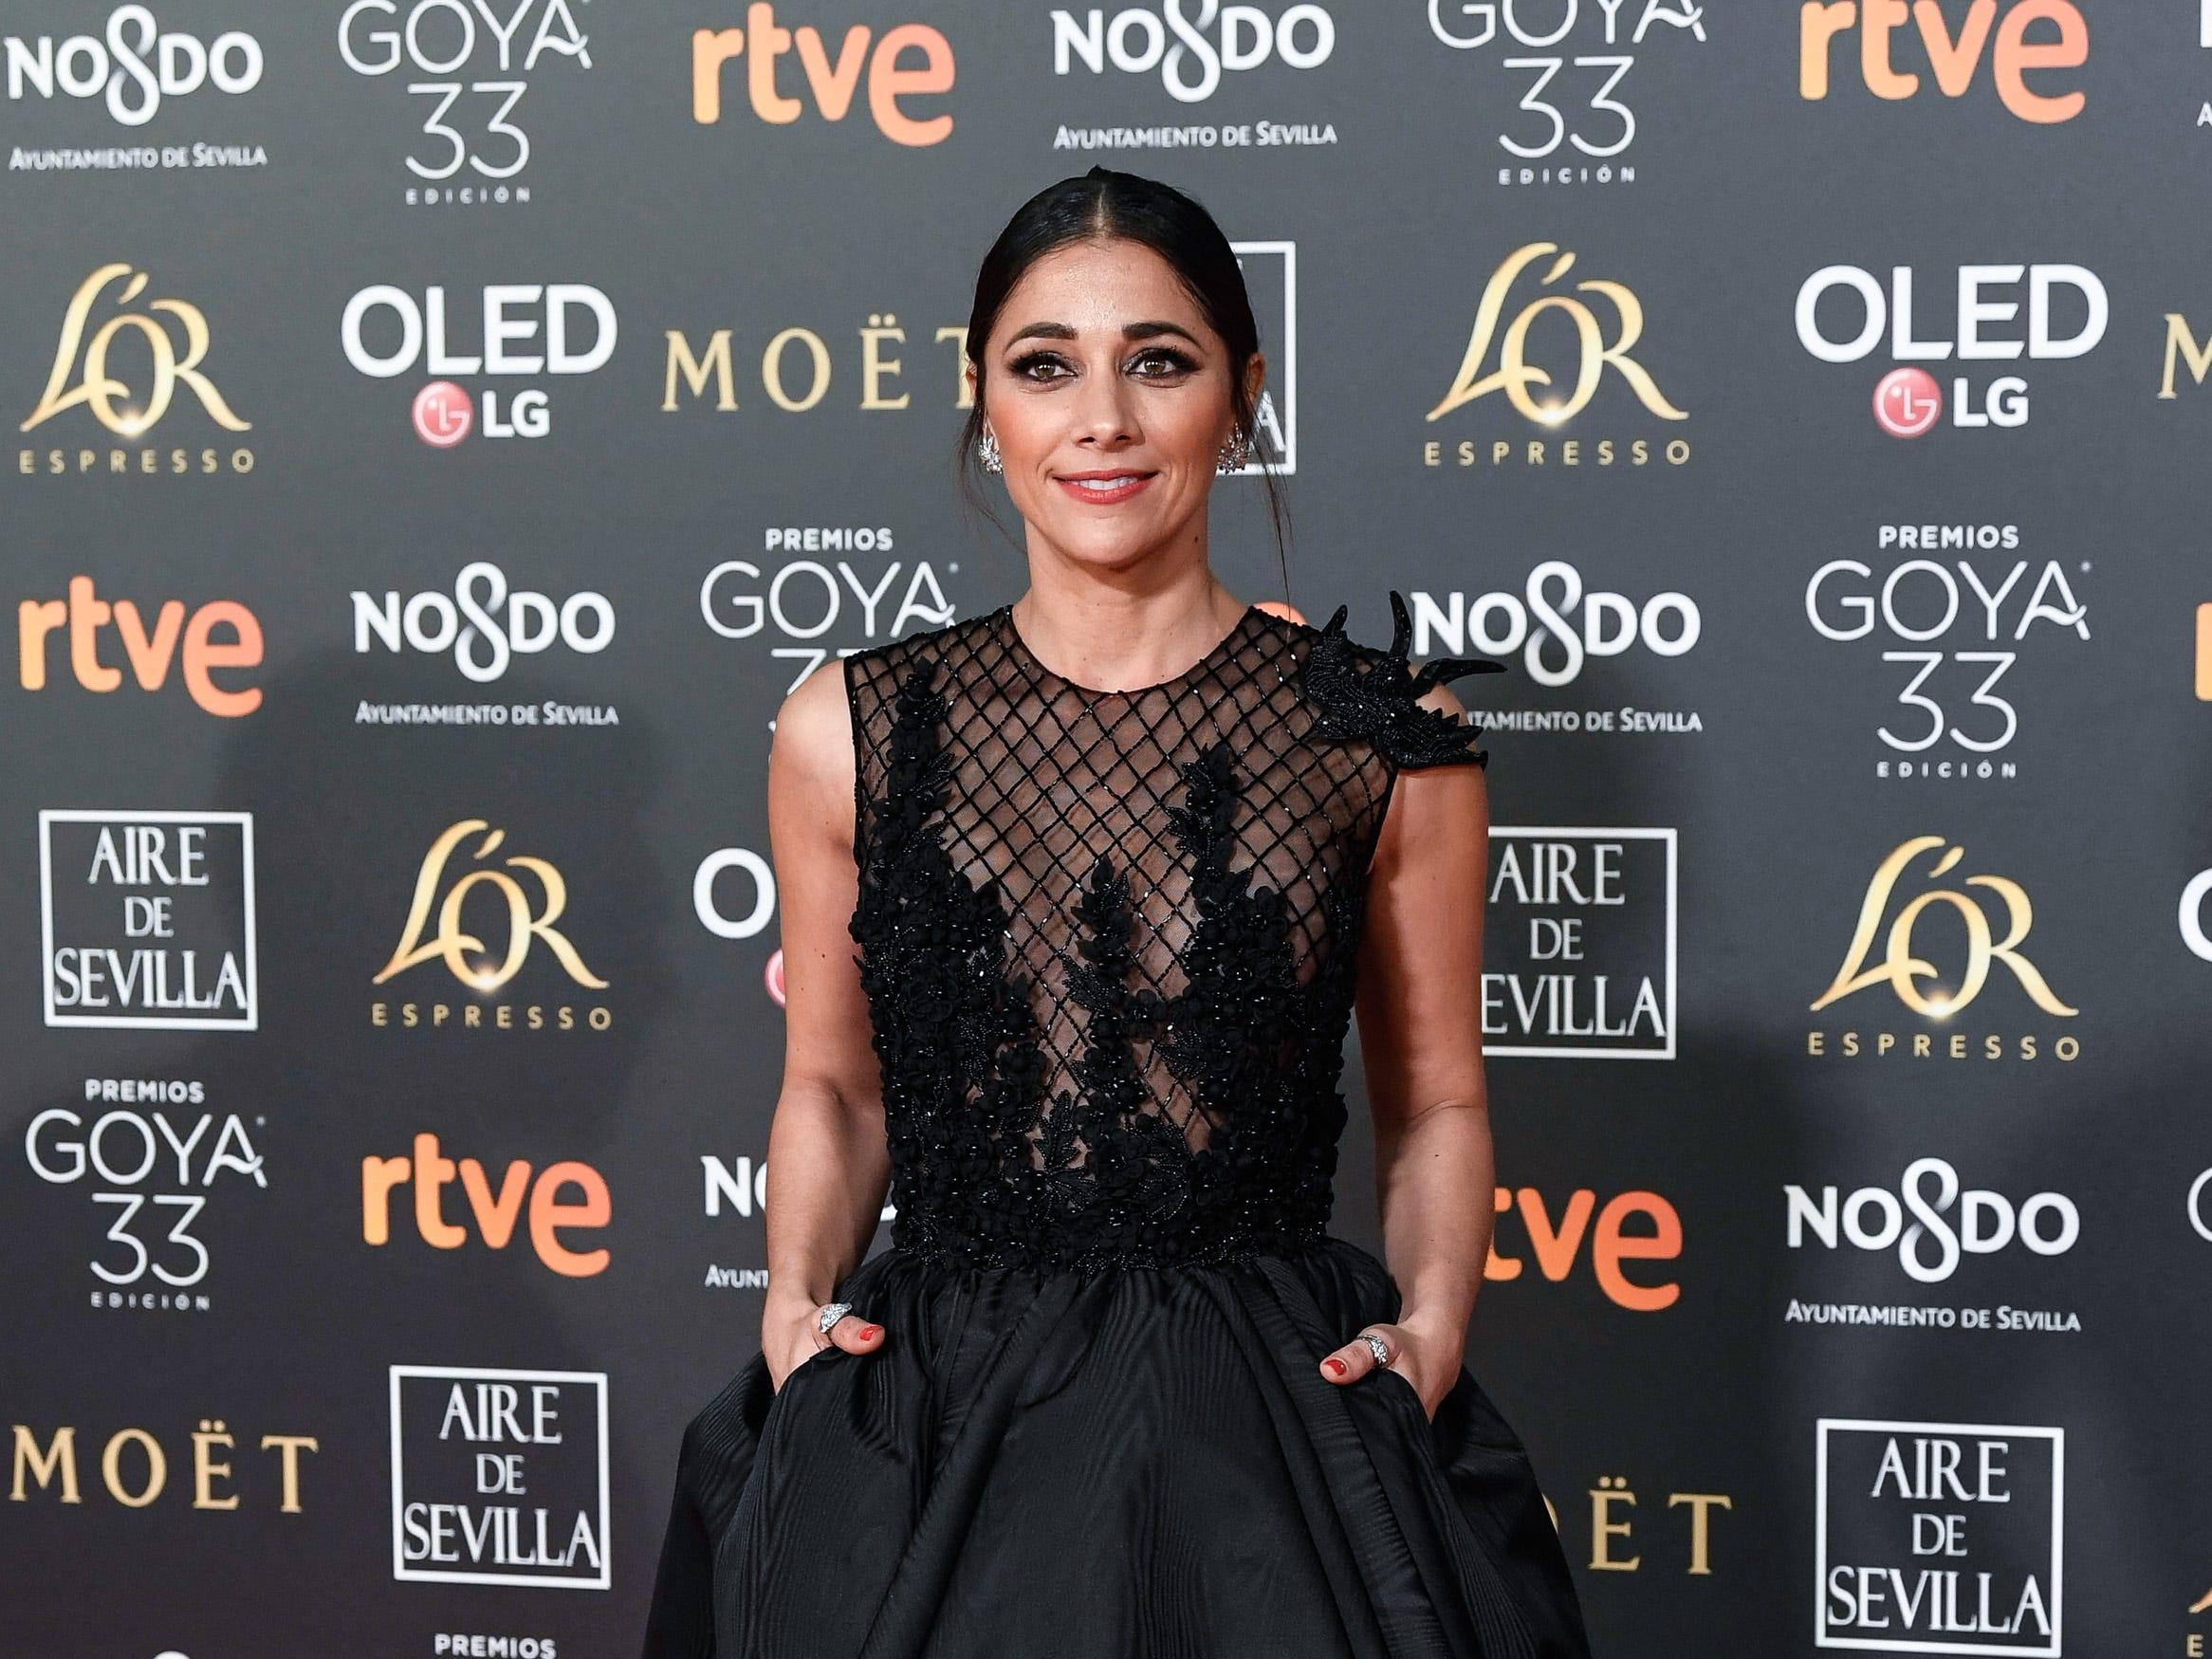 Mariam Hernández asiste a la 33ª edición de los Premios de Cine Goya en el Palacio de Congresos y Exposiciones FIBES el 2 de febrero de 2019 en Sevilla, España.